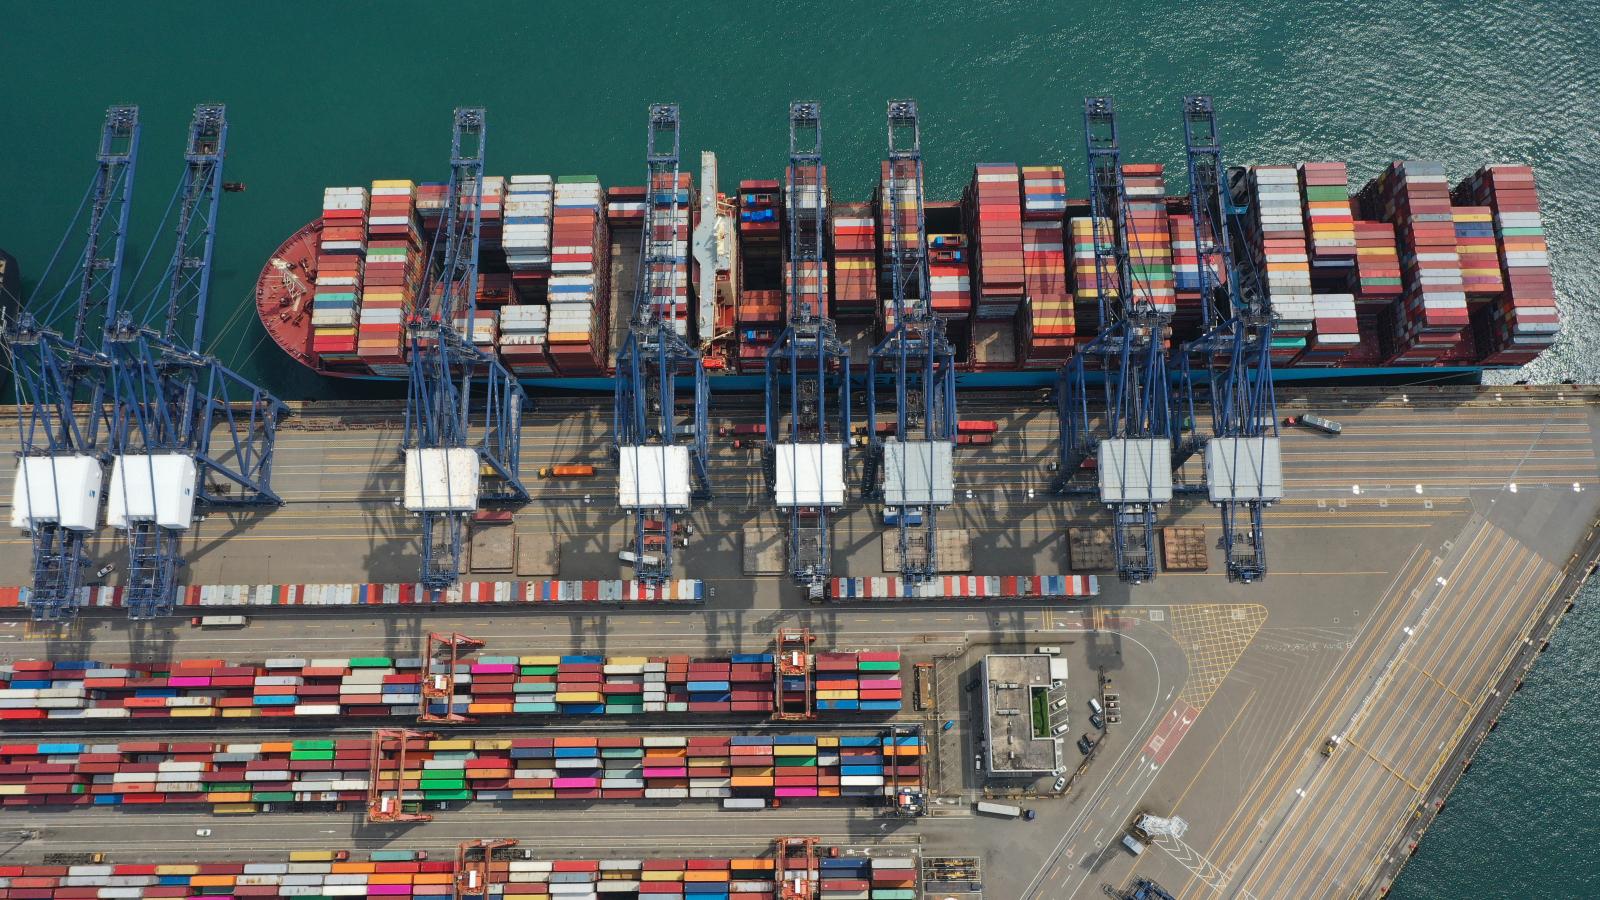 货轮停泊靠港作业一 DJI_0120.jpg